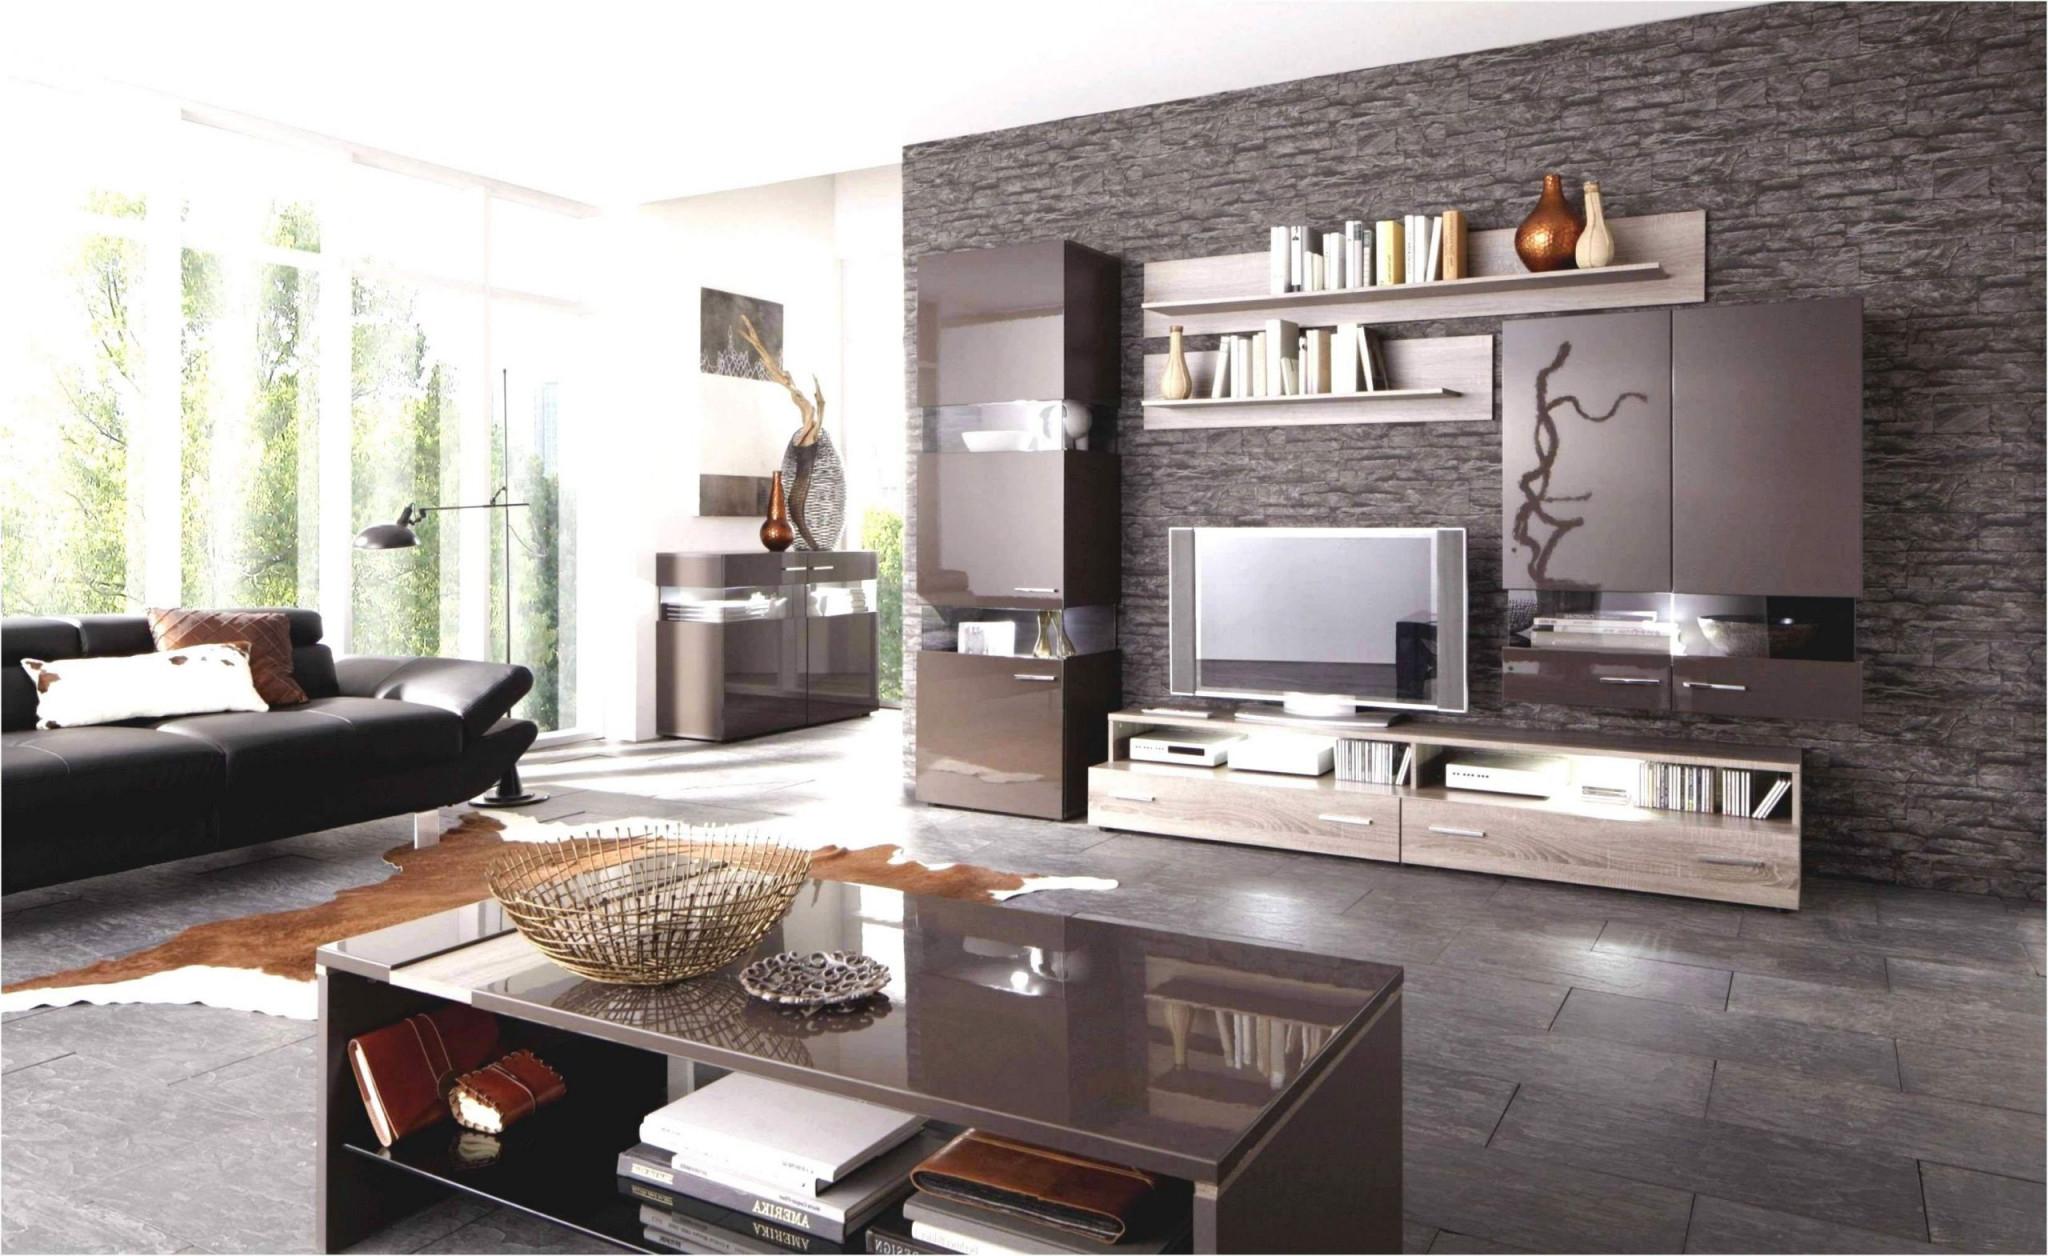 39 Einzigartig Wohnzimmer Tapeten Ideen Modern Das Beste Von von Wohnzimmer Tapeten Vorschläge Photo